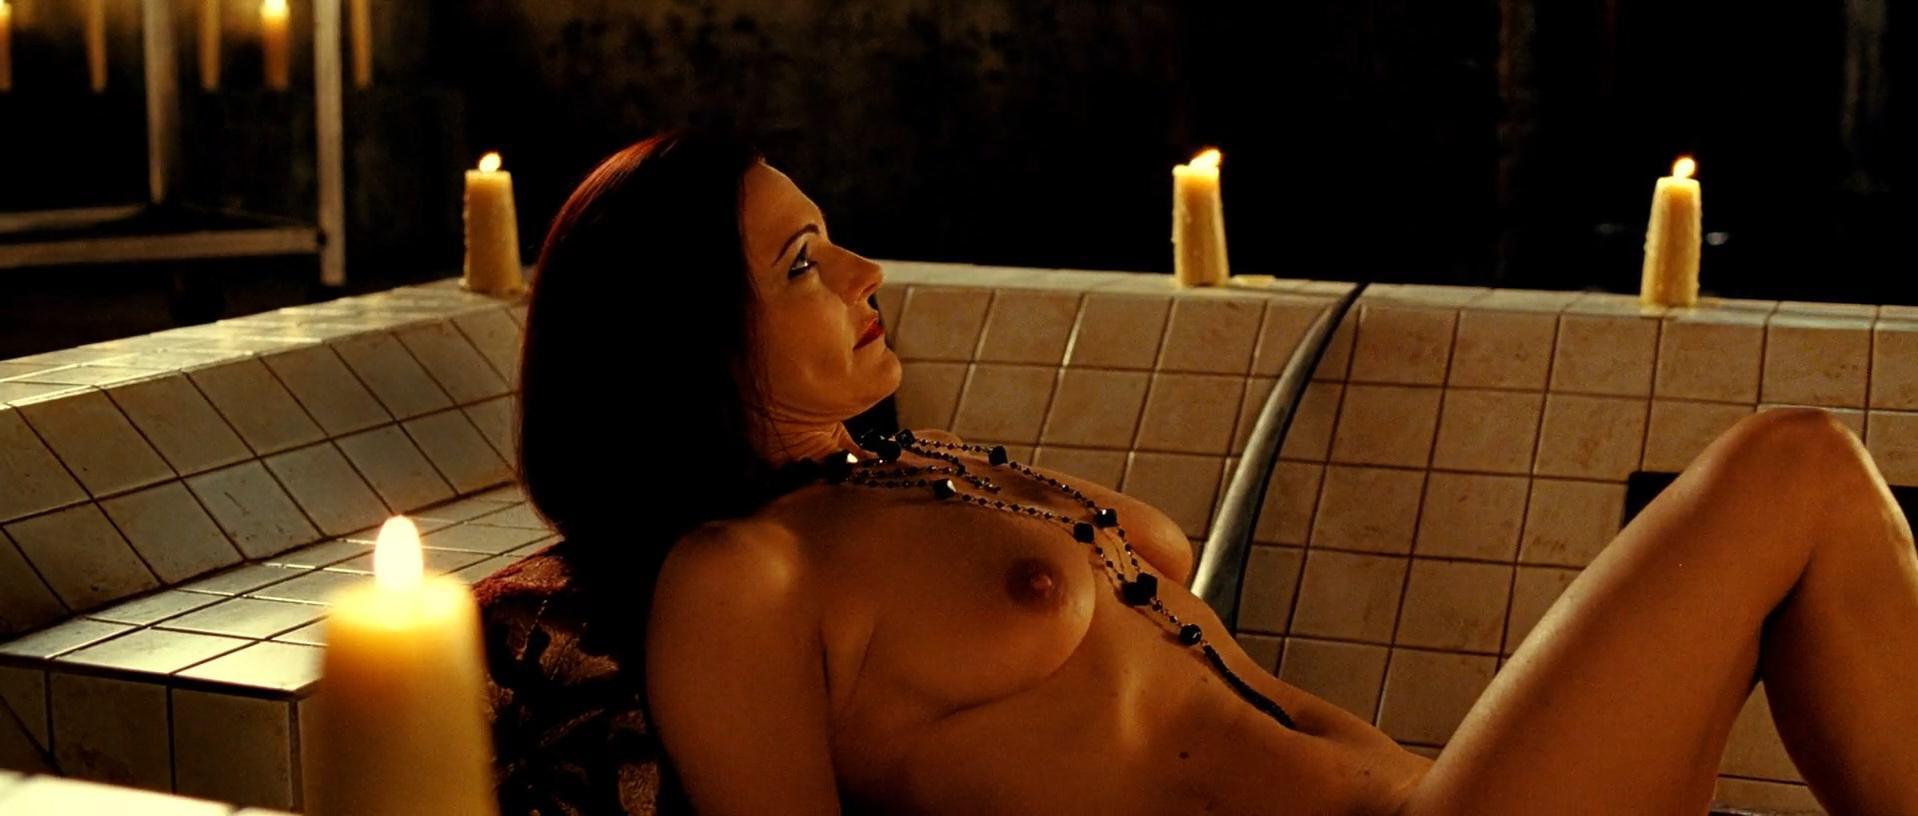 ГАНГ-БАНГ порно групповуха видео мжм групповой секс оргии